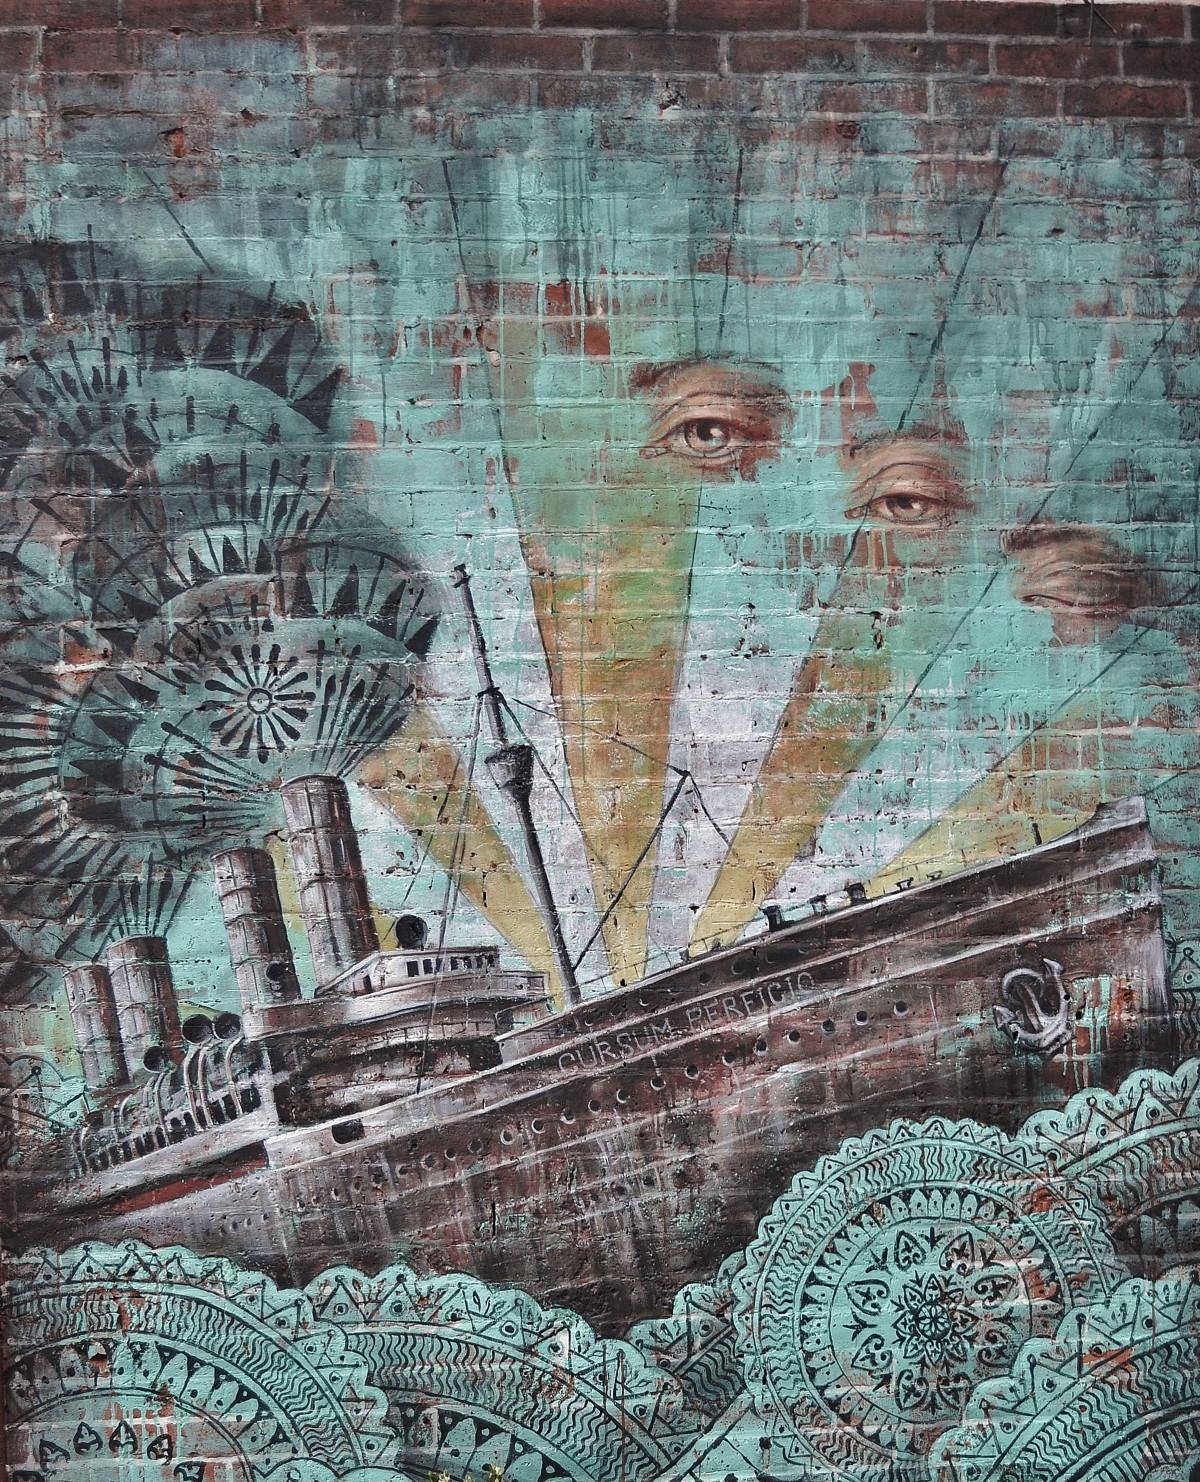 Gratis afbeeldingen hout venster muur graffiti schilderij kunst schetsen tekening - Ontwerp muurschildering ...